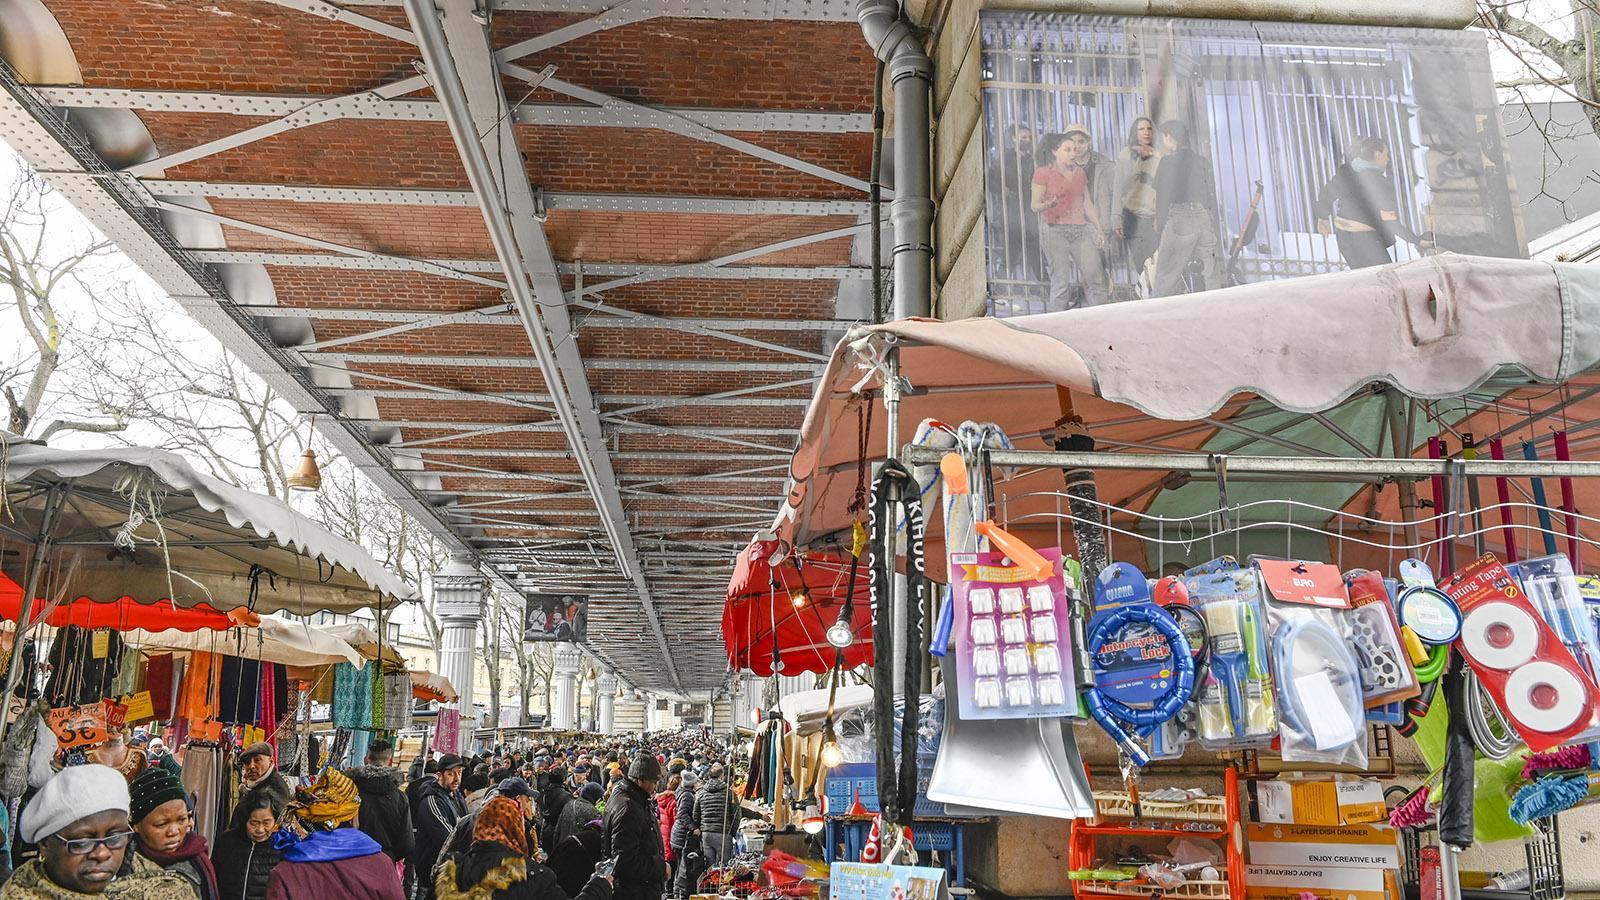 Der Straßenmarkt von Goutte d'Or. Foto: Hilke Maunder